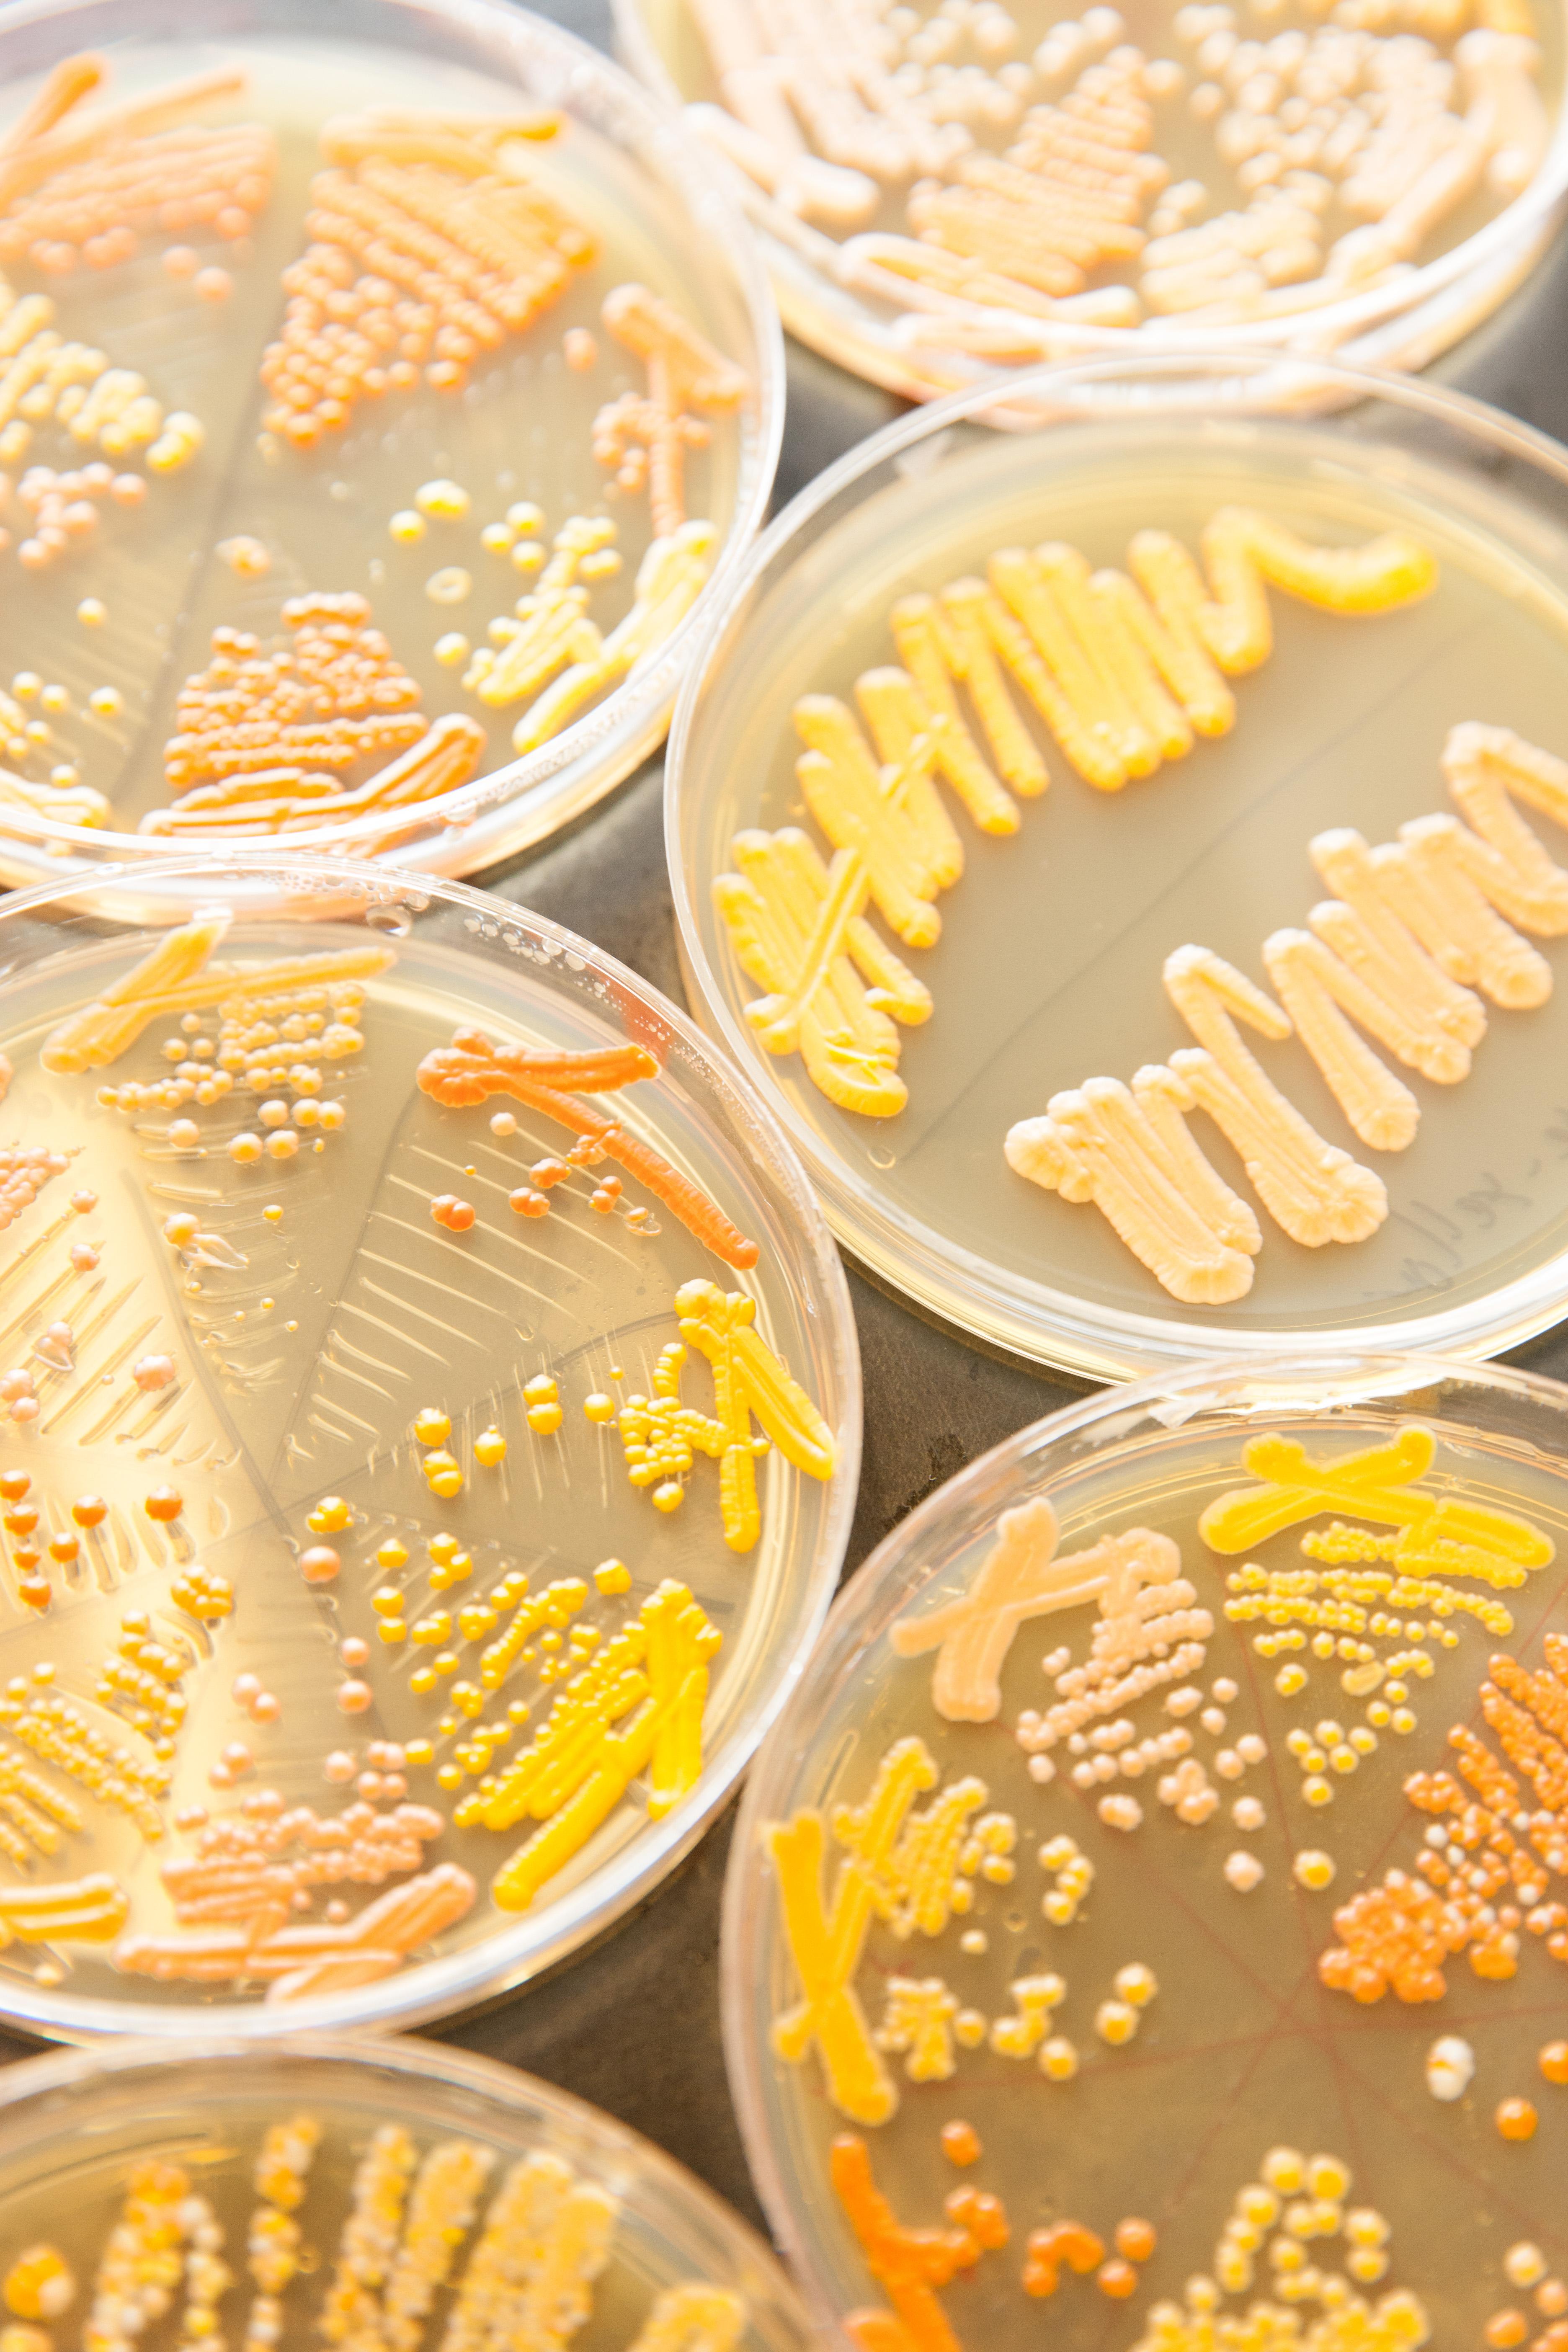 次の産業革命の幕を開く 人工合成酵母のインパクト